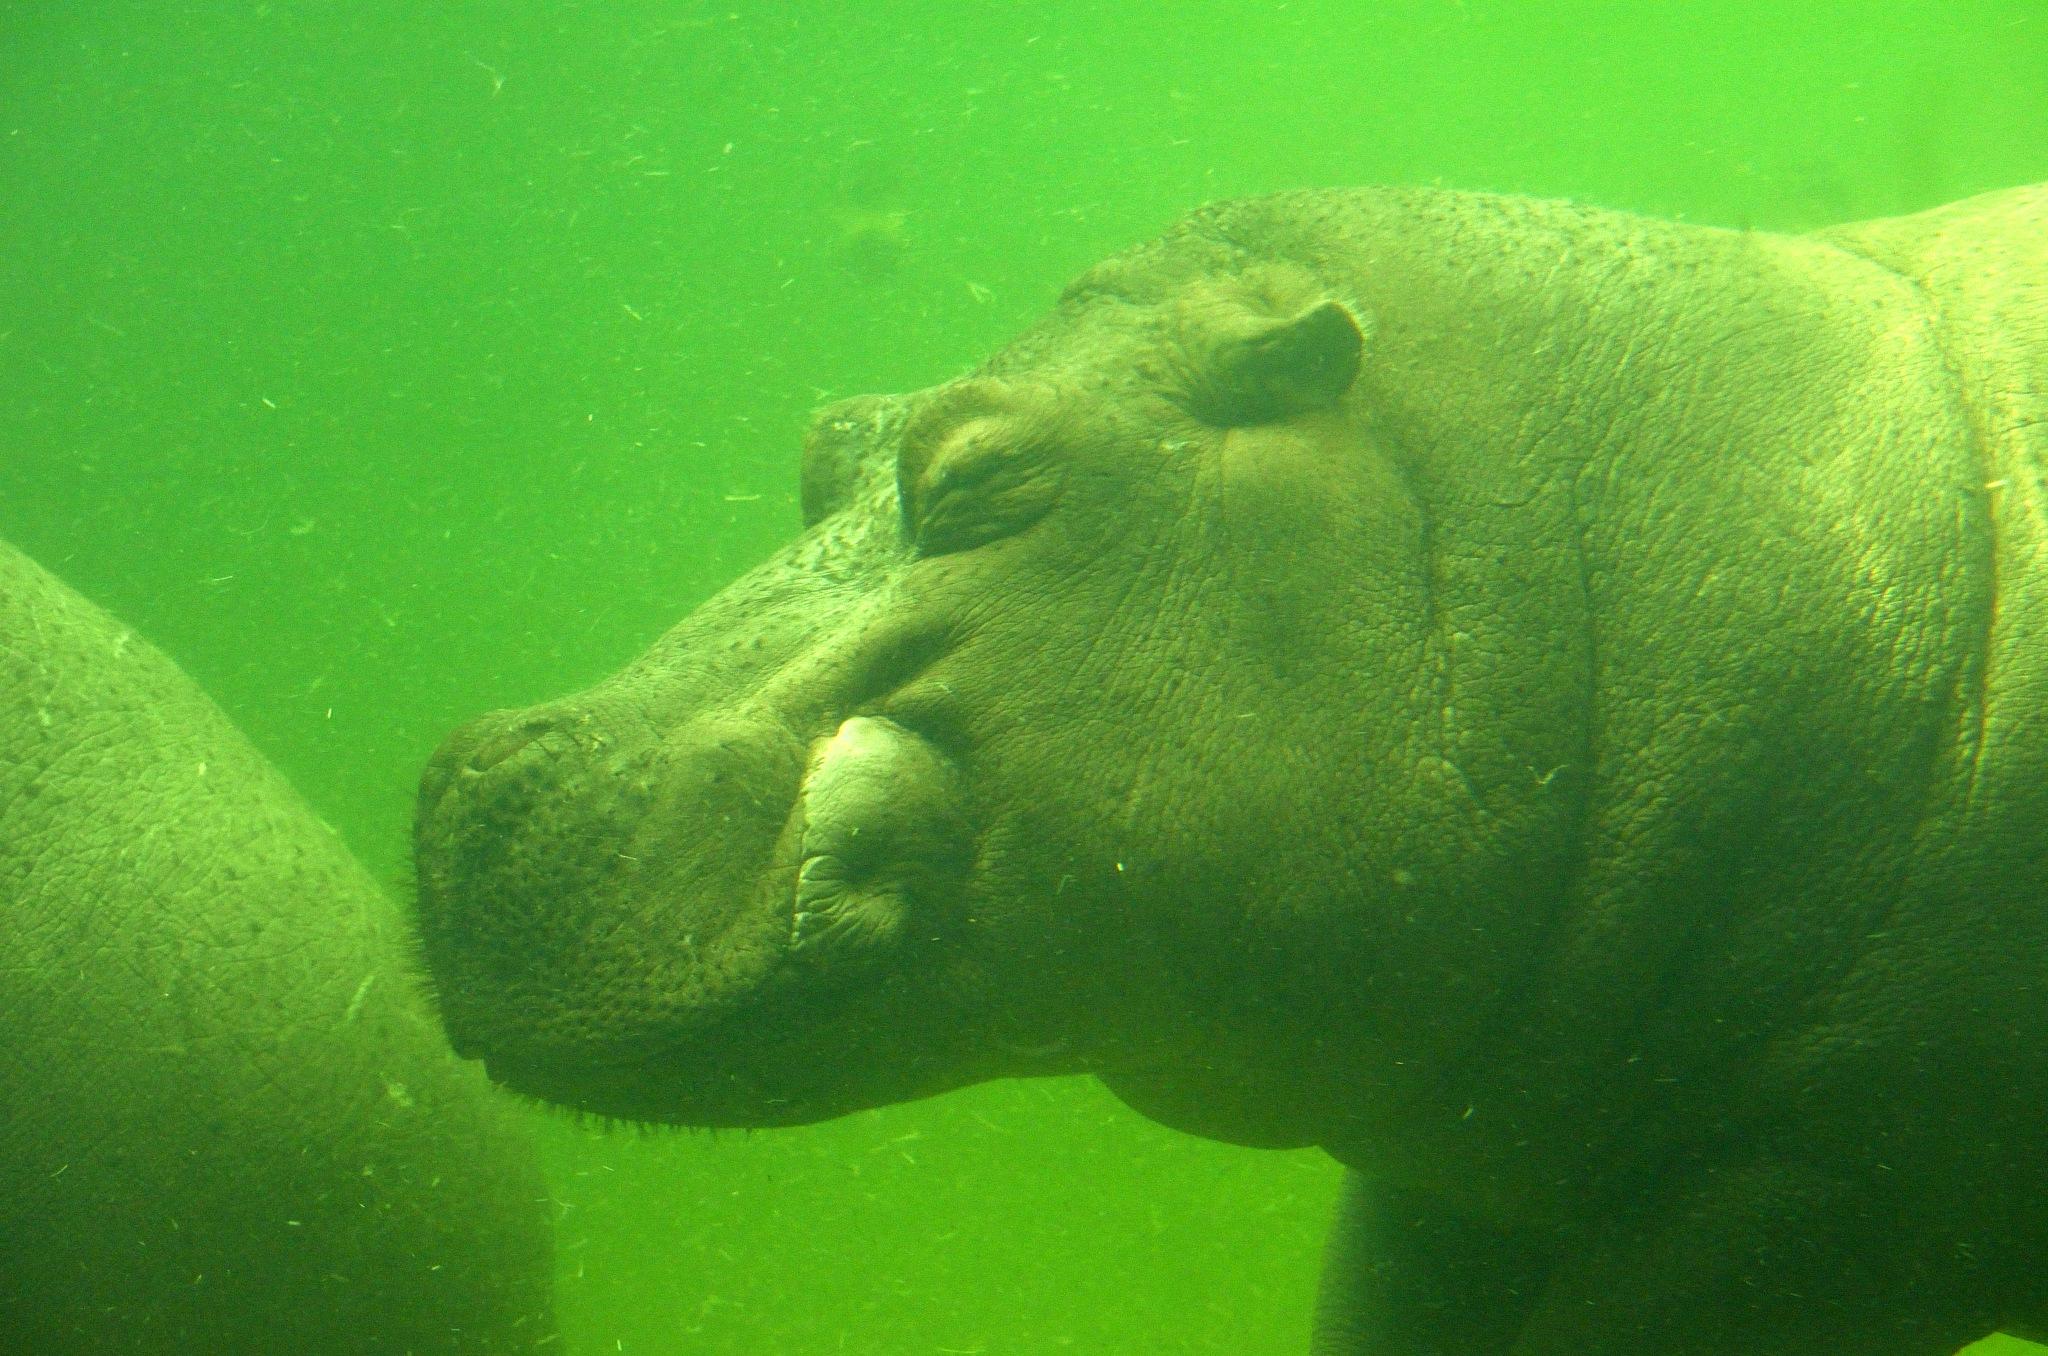 Hippo underwater by Henk Meima